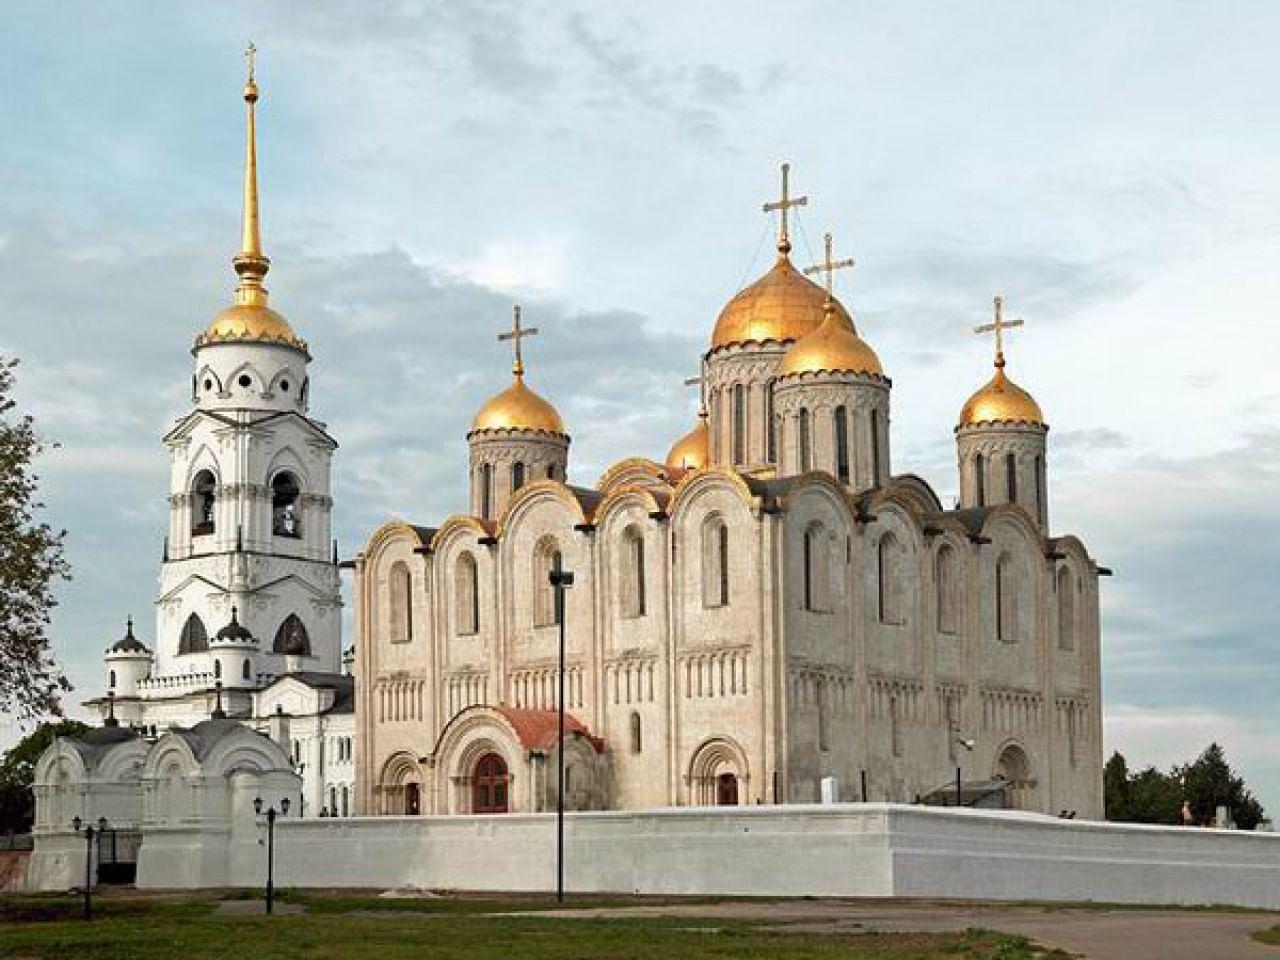 Церковь Успения Пресвятой Богородицы (Богородицк)